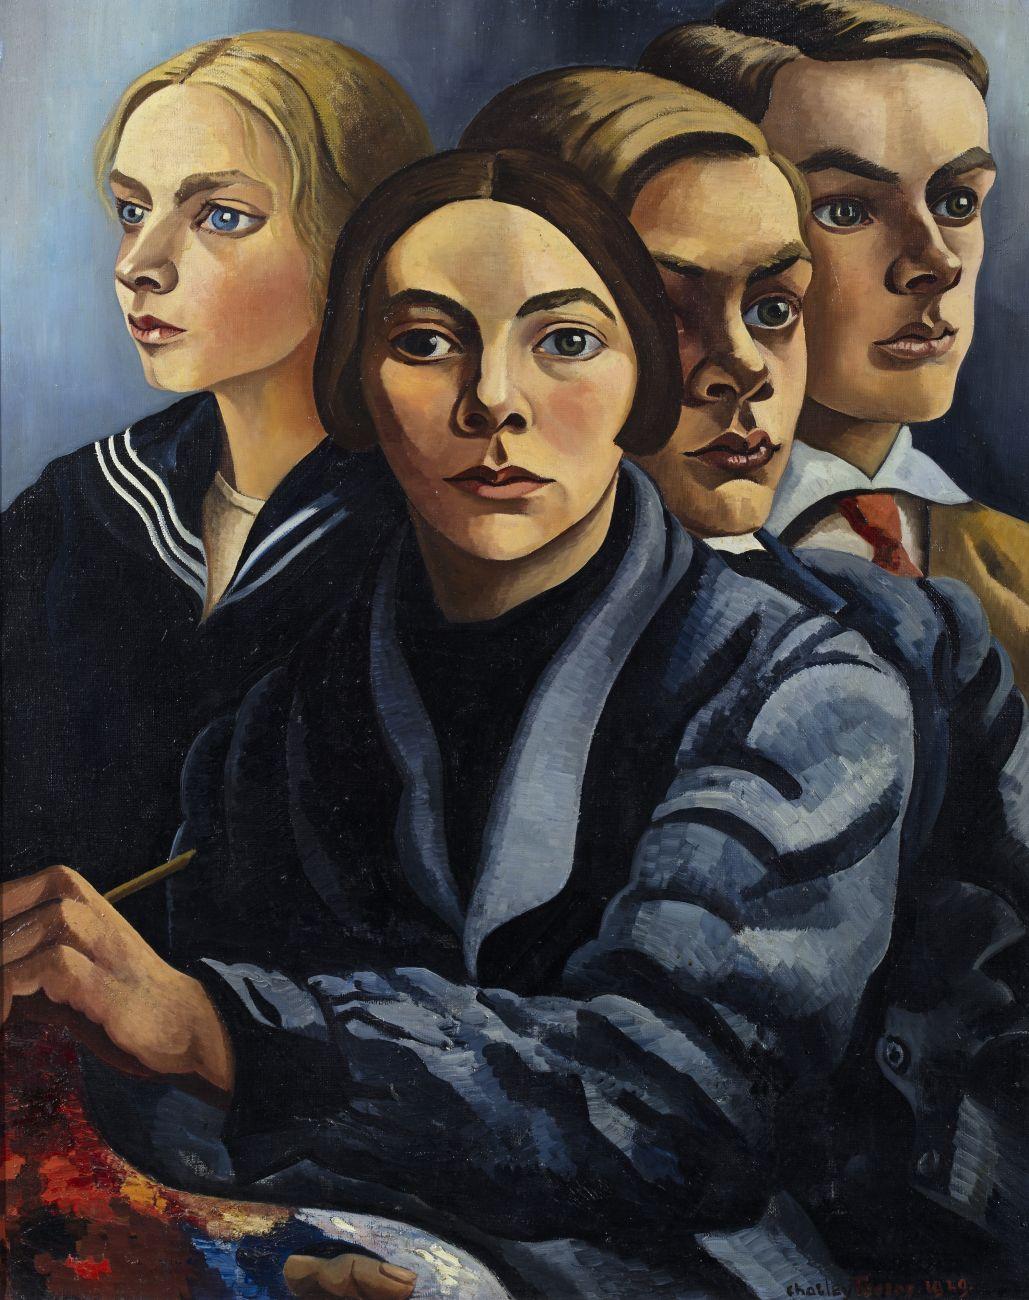 Meesterlijke vrouwen; tien avant-garde kunstenaars die je gezien moet hebben